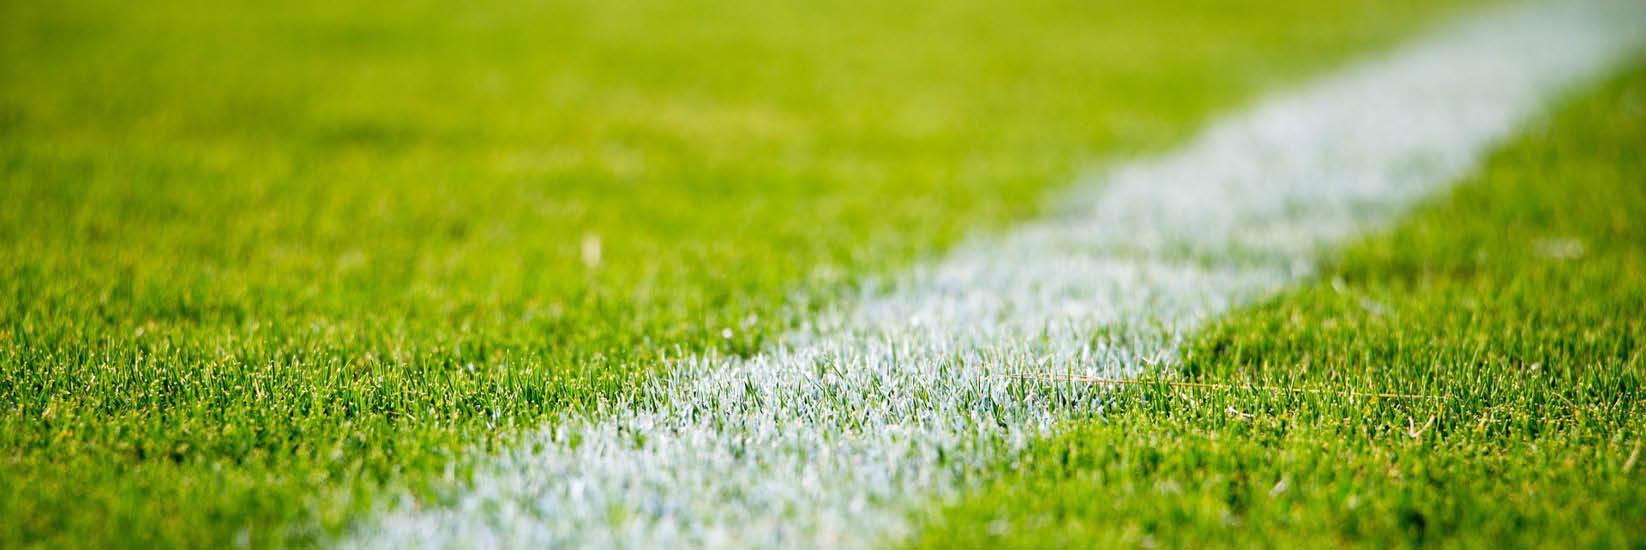 Contactformulier UwContributie s.v. Sportlust Glanerbrug. Stel je vraag of geef een wijziging door.